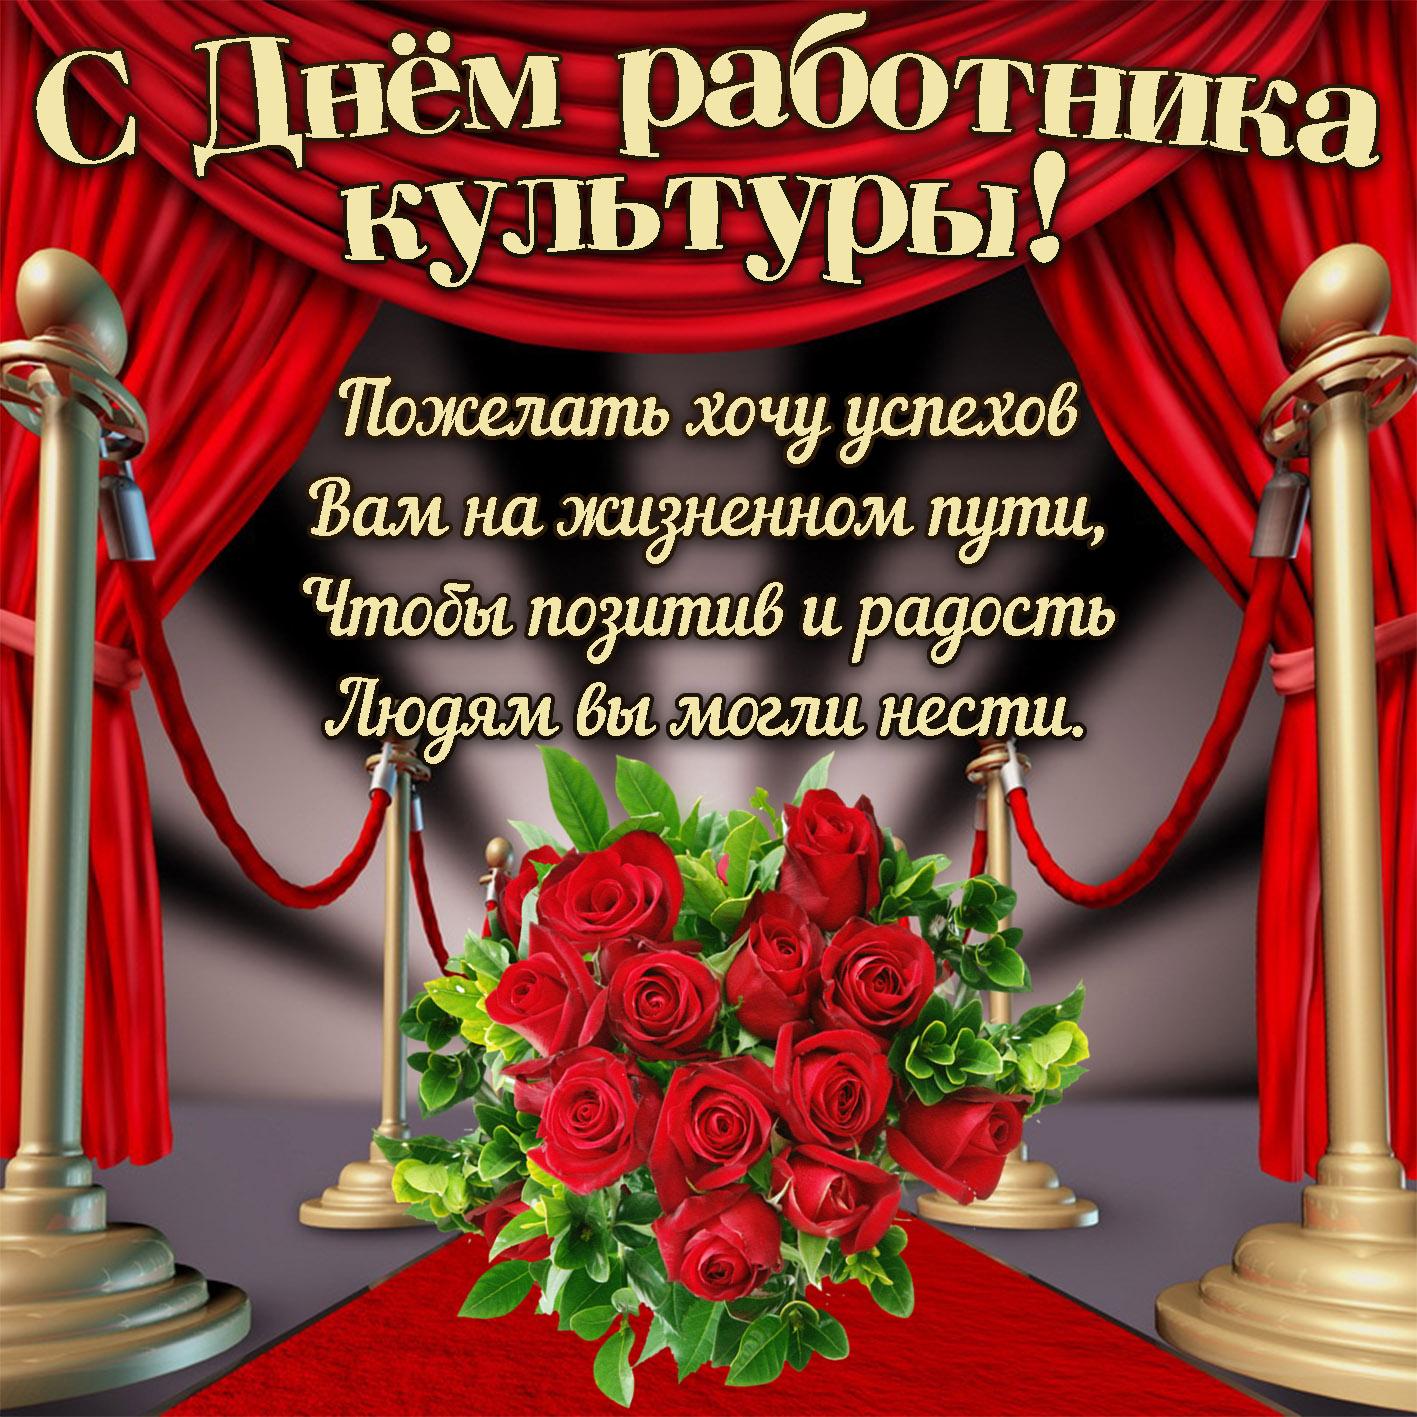 День работника культуры. открытки